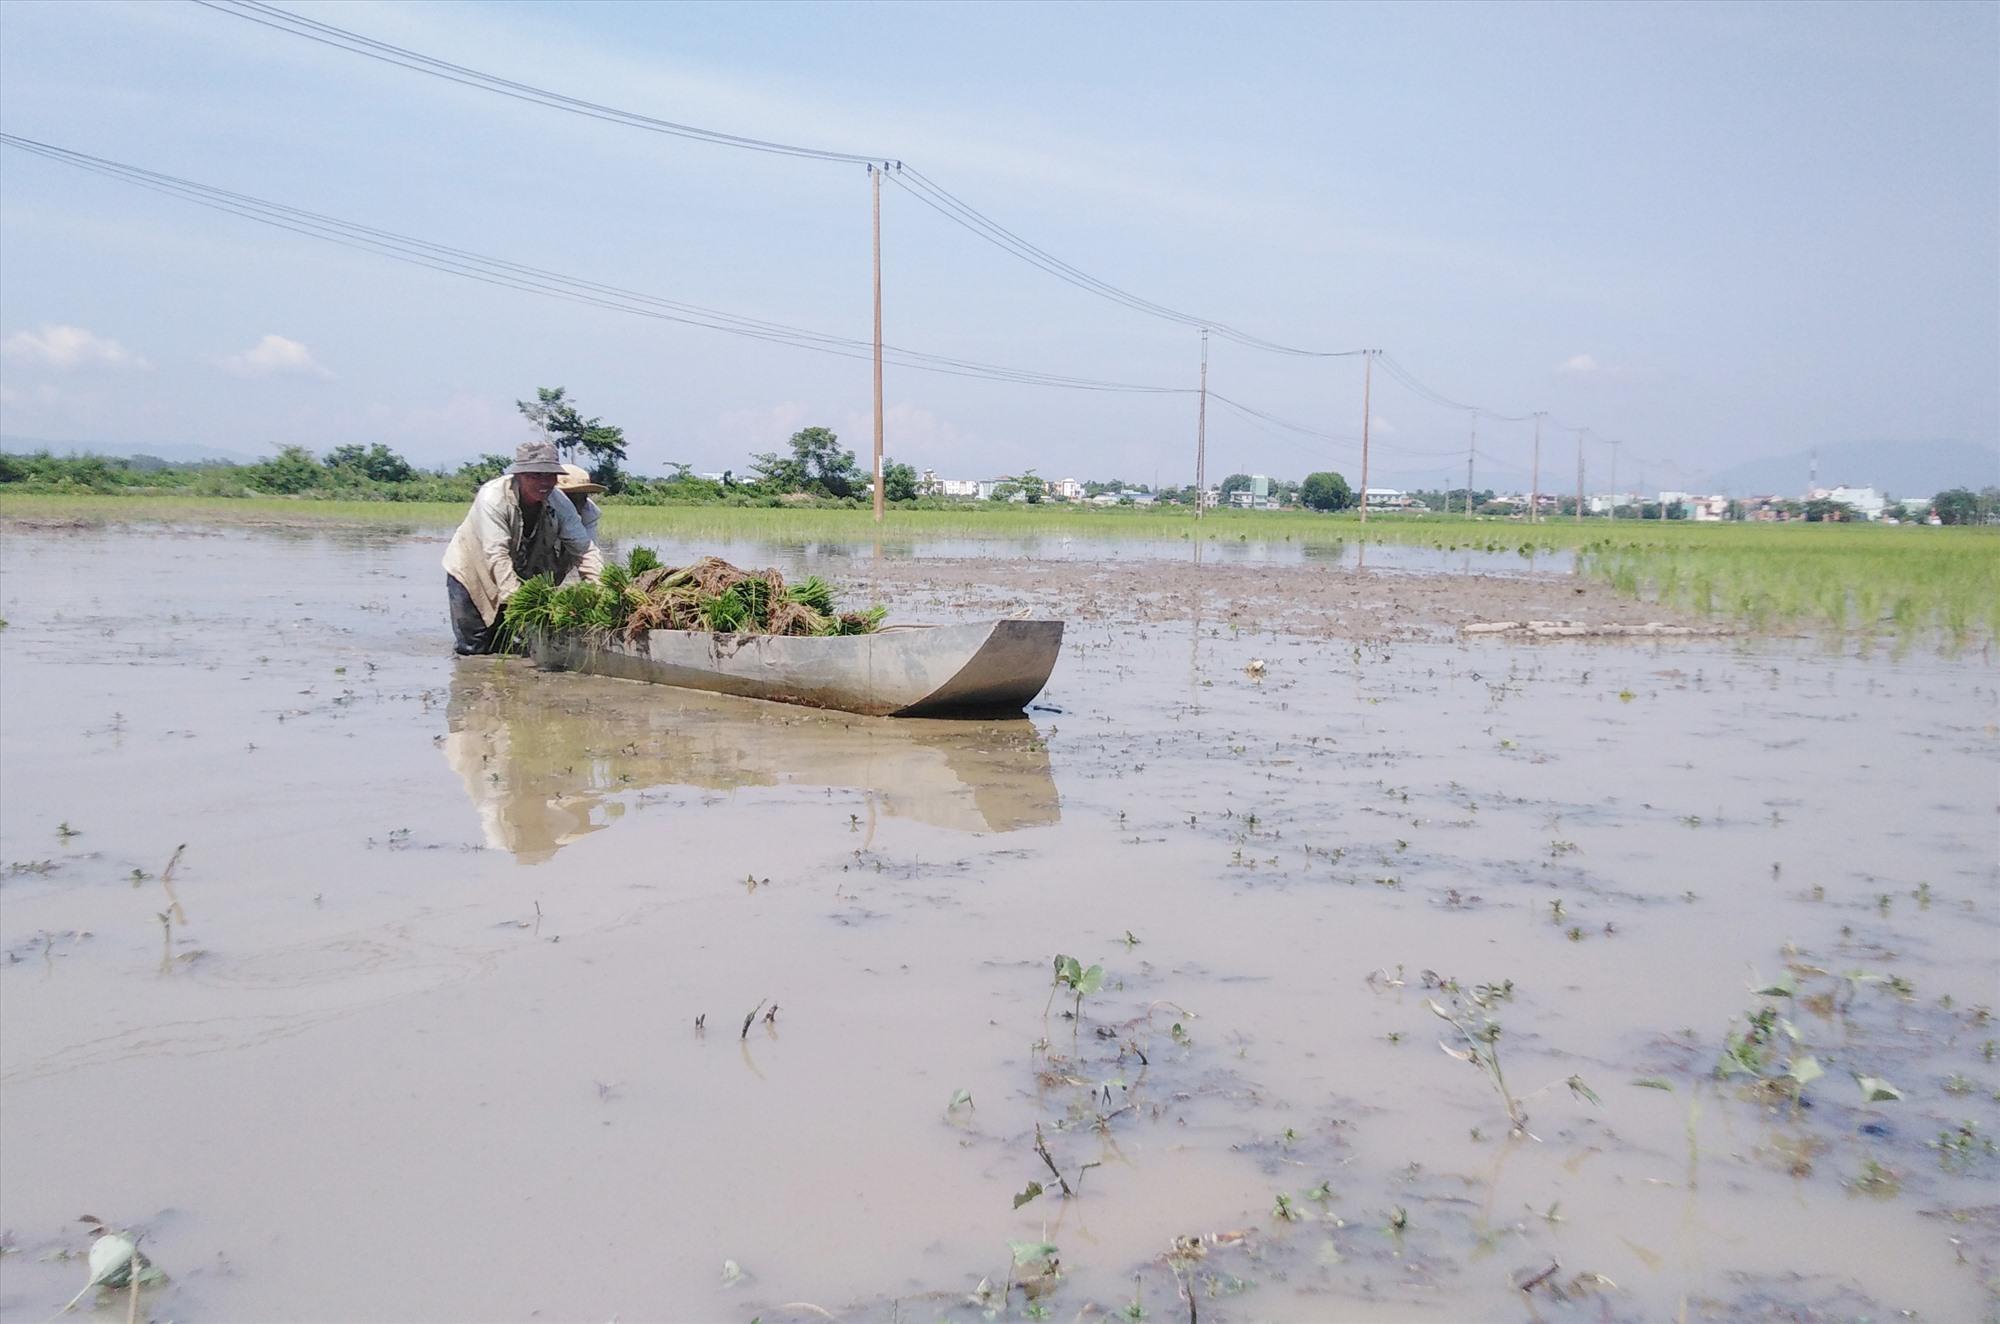 Ruộng sâu và nhiều bùn nên nông dân phải dùng thuyền vận chuyển mạ để cấy. Ảnh: B.T